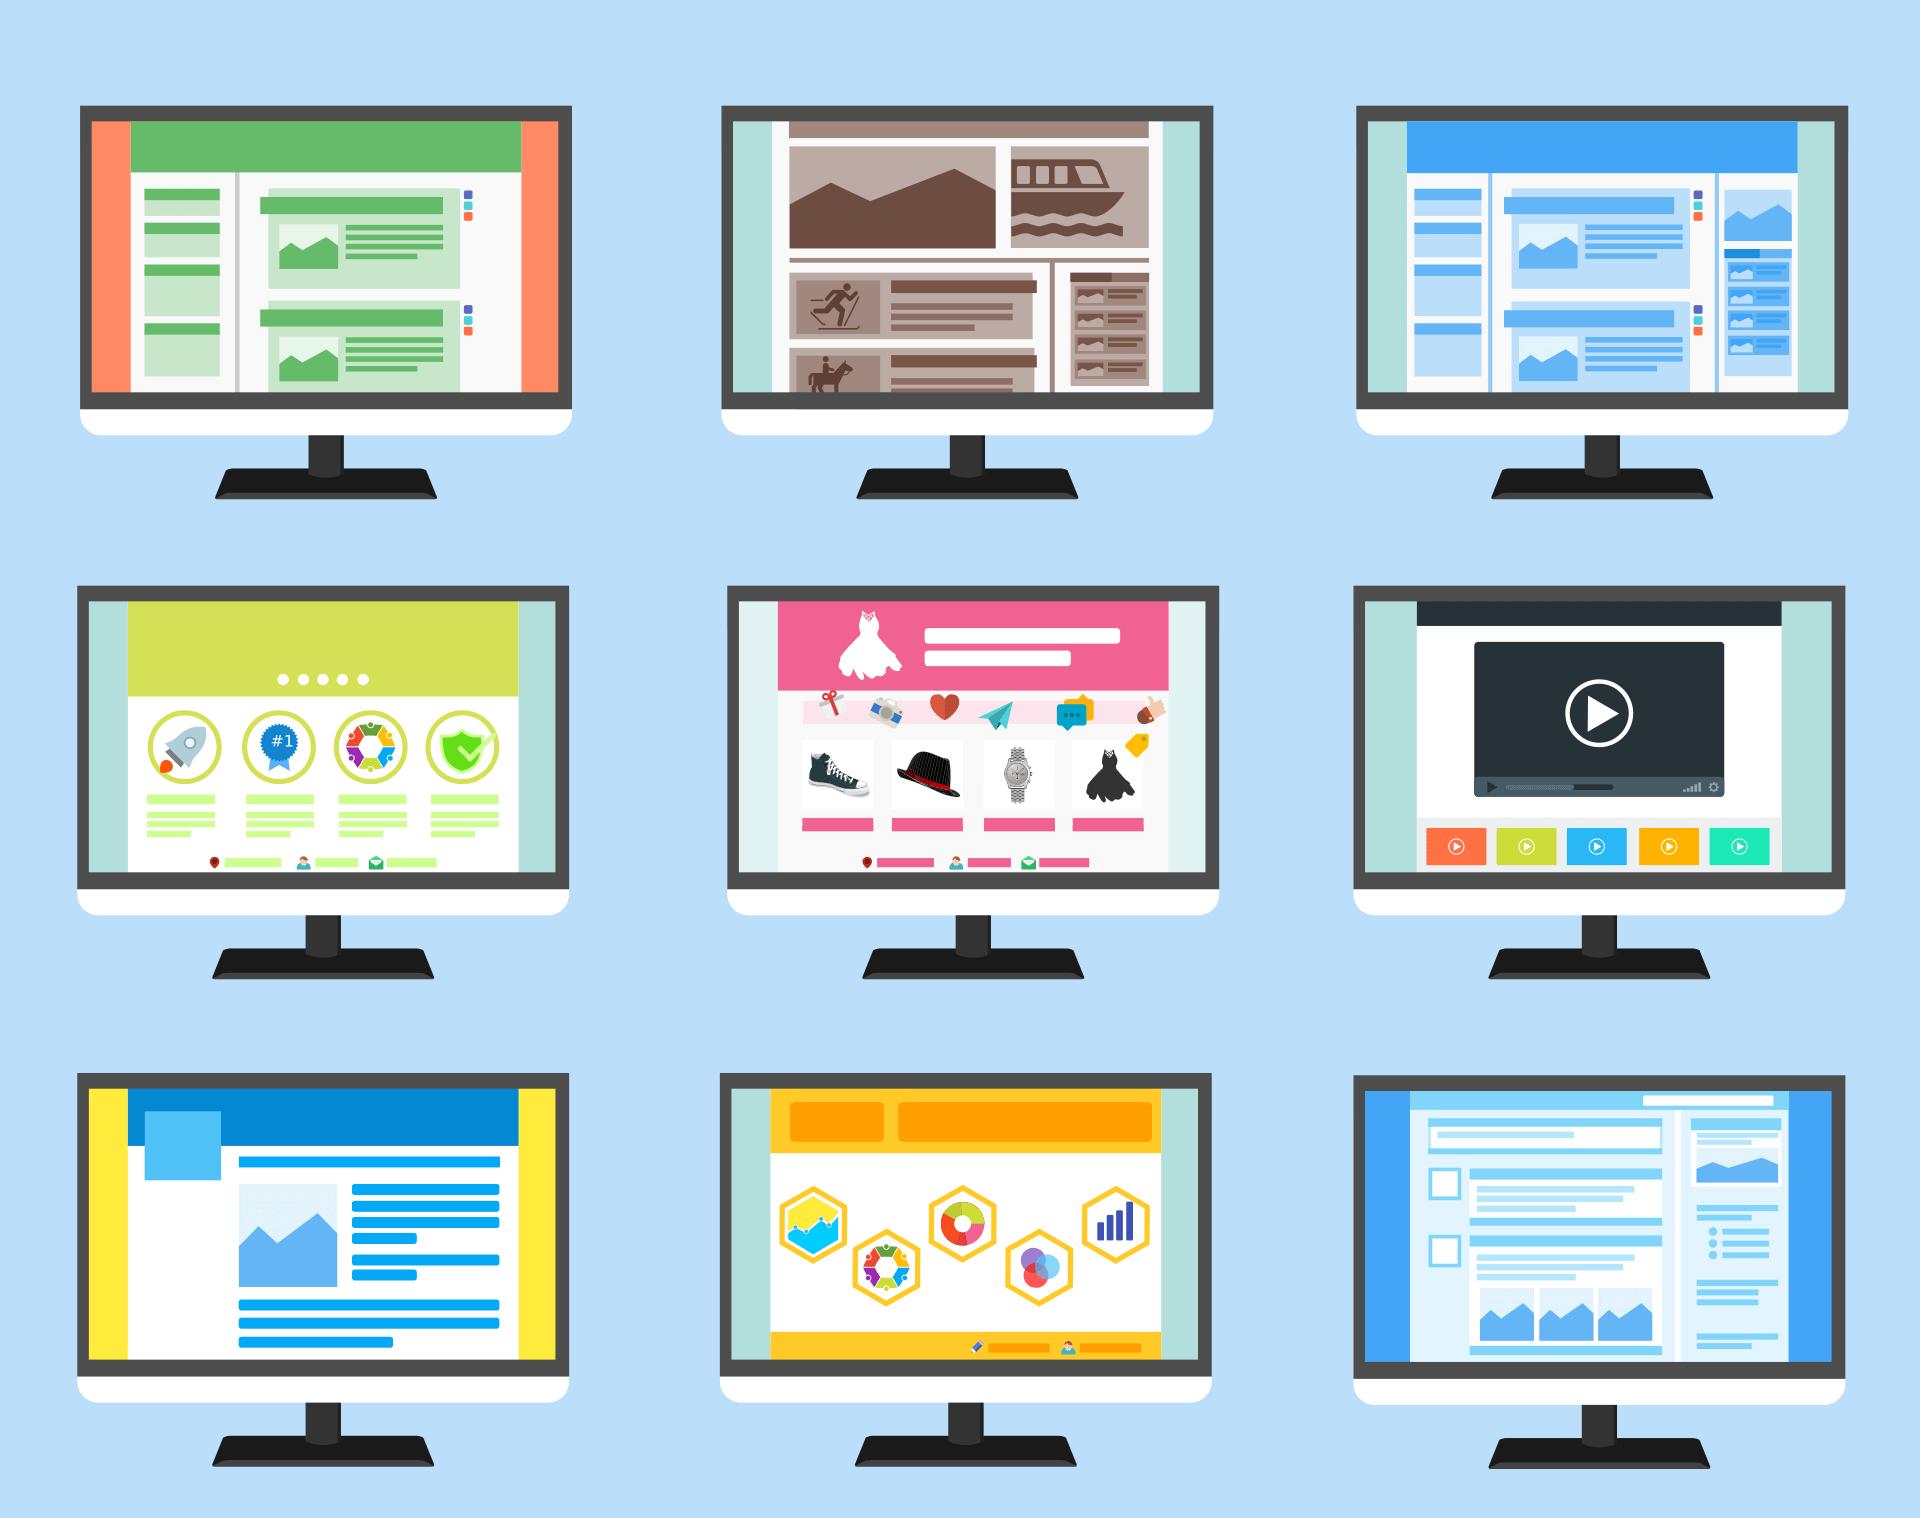 thiết kế website cần những gì 2